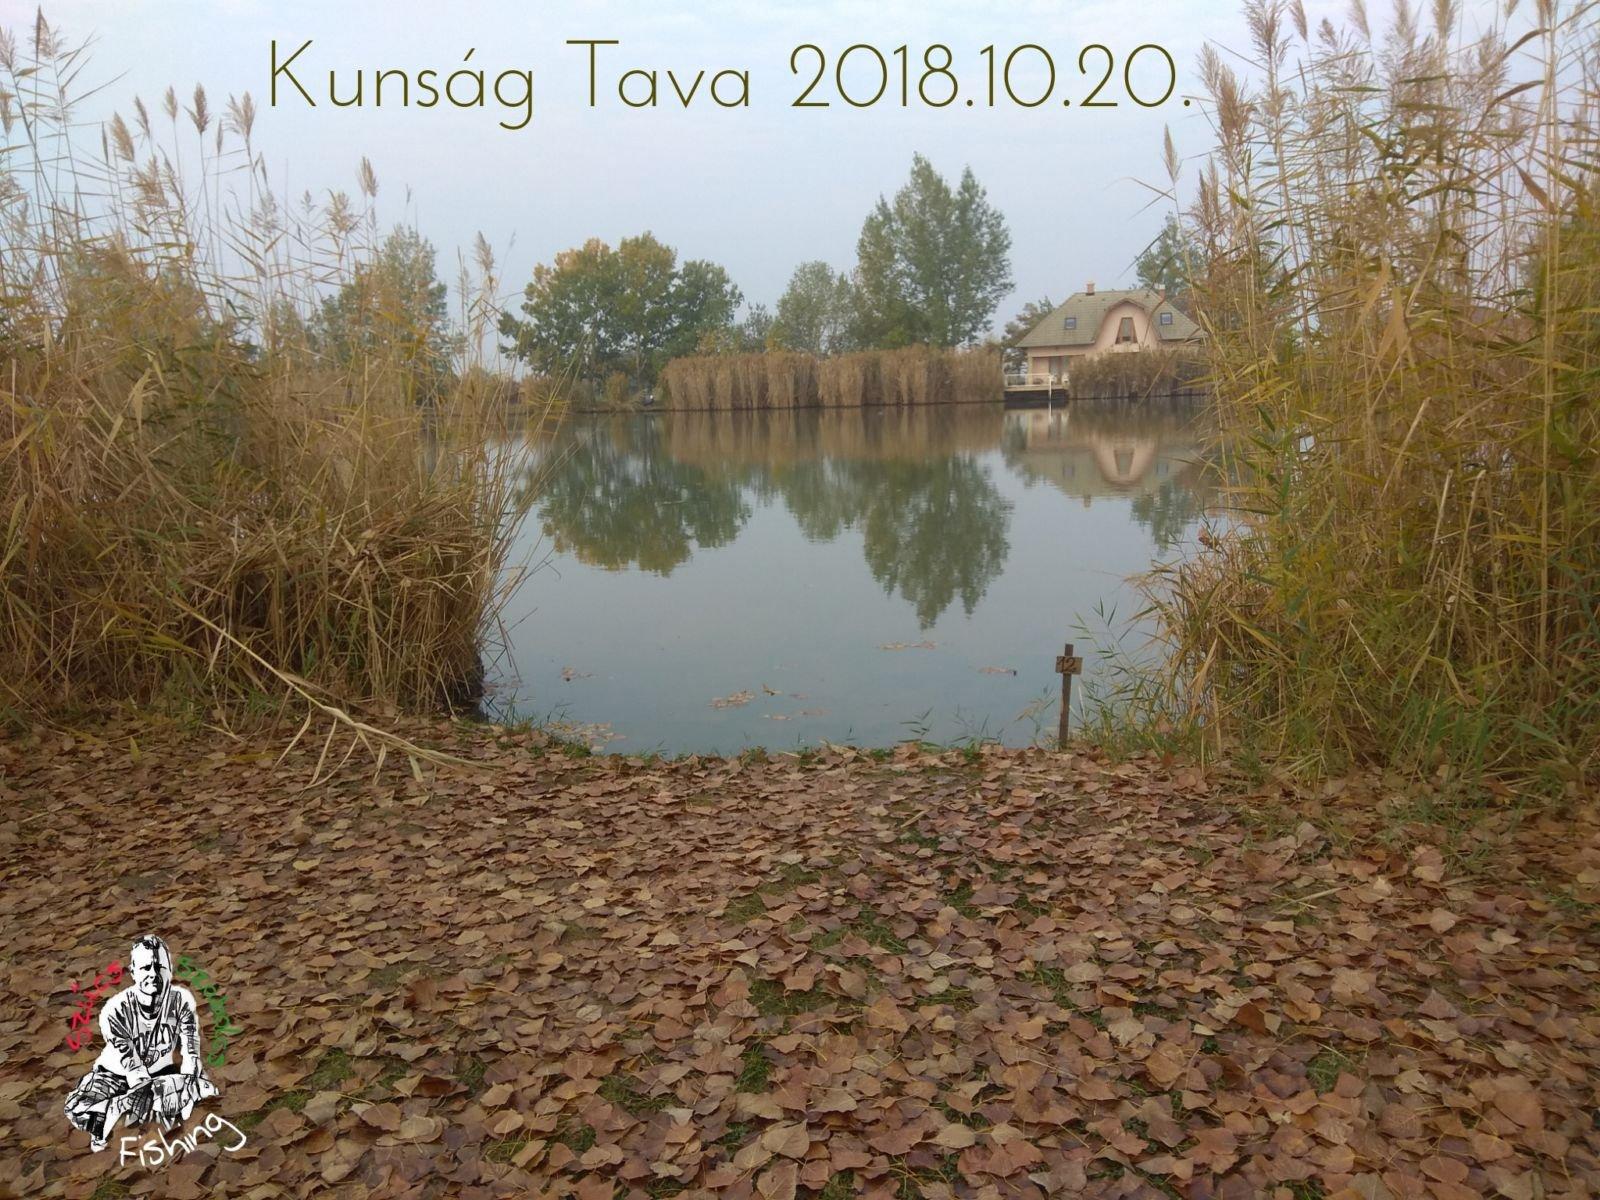 2018-10-20-Kunsag-tava-Fegyvernek-Tomival-IMG_20181020_093439